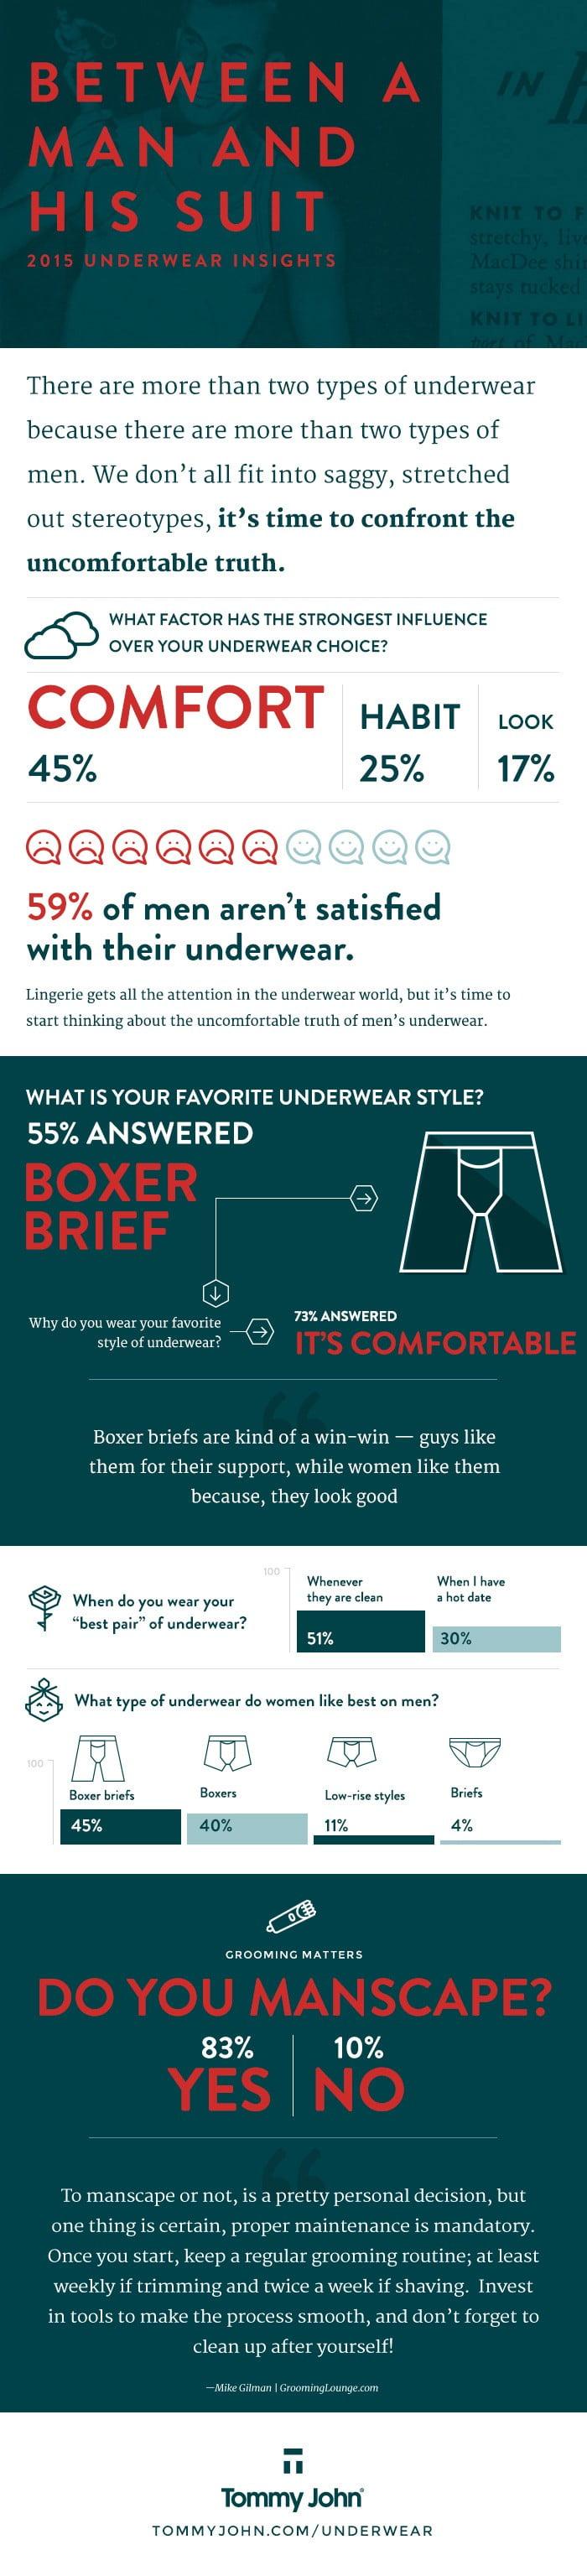 what-type-of-underwear-do-women-most-like-on-men